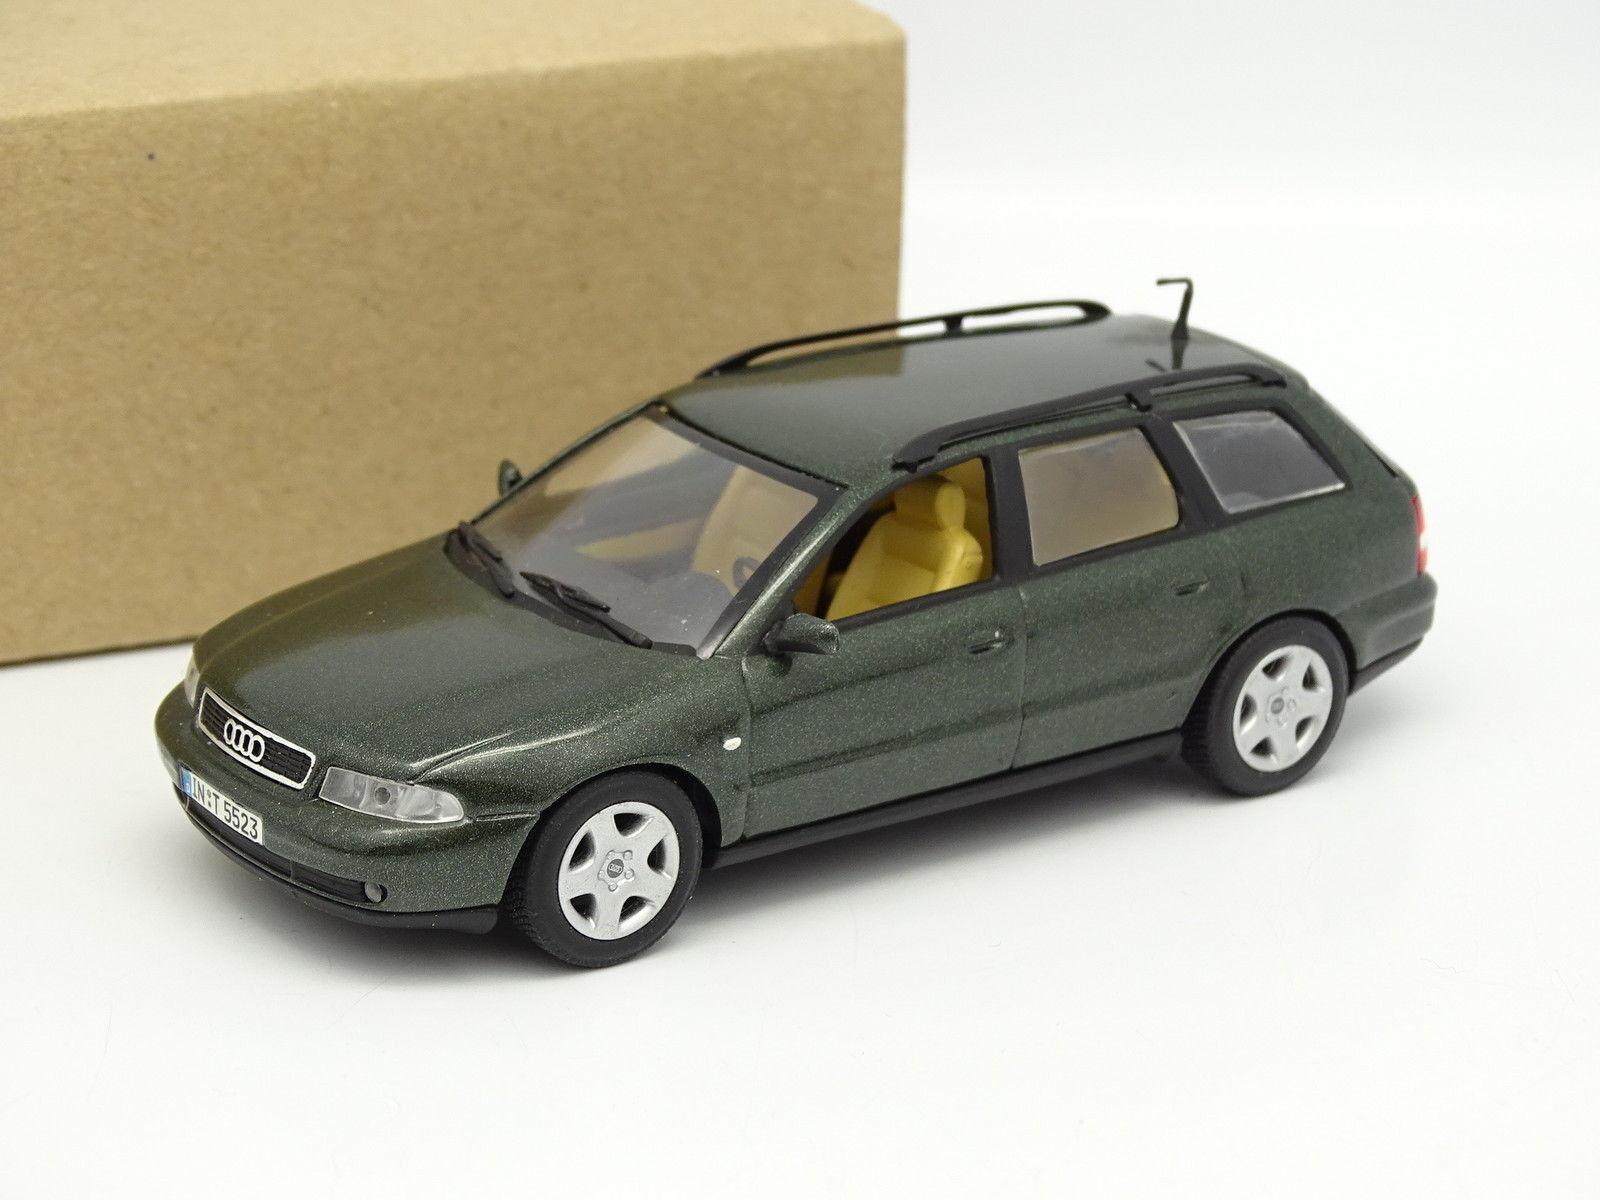 Minichamps SB 1 43 - Audi A4 A4 A4 Delantero 1995 verde 0f732e